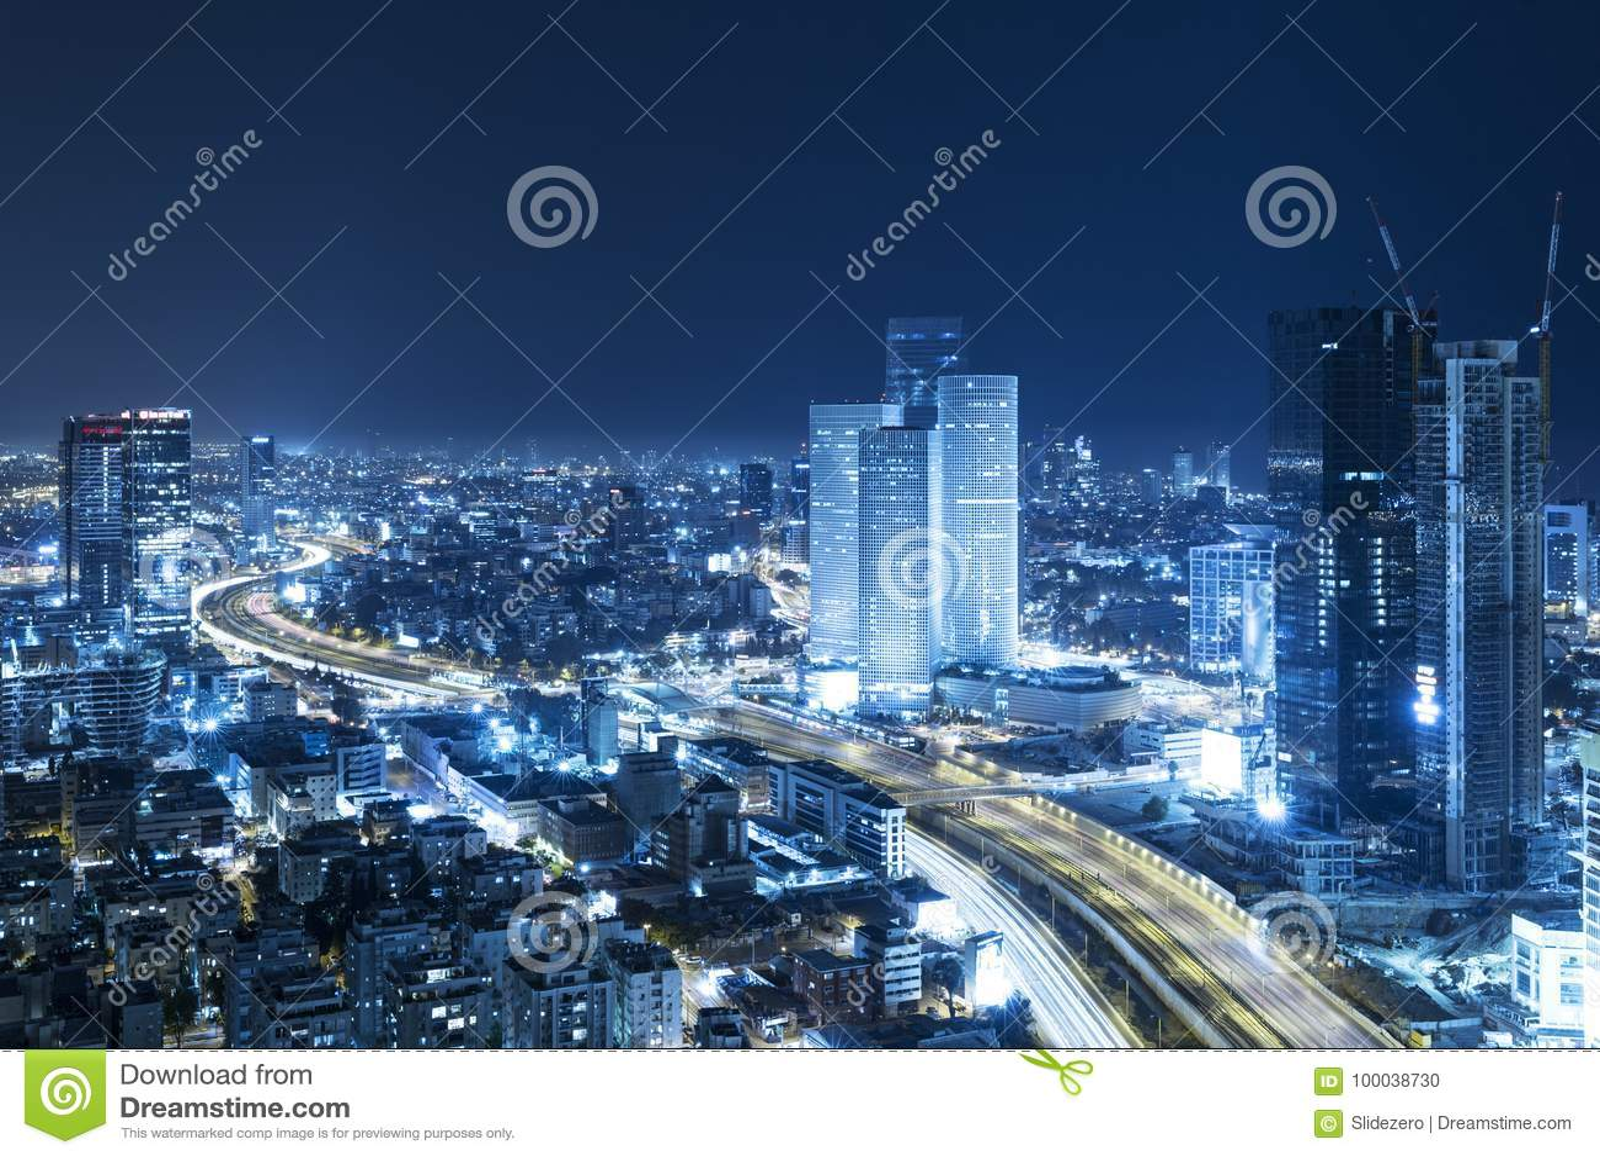 Tel Aviv Skyline At Night, Skyscraper